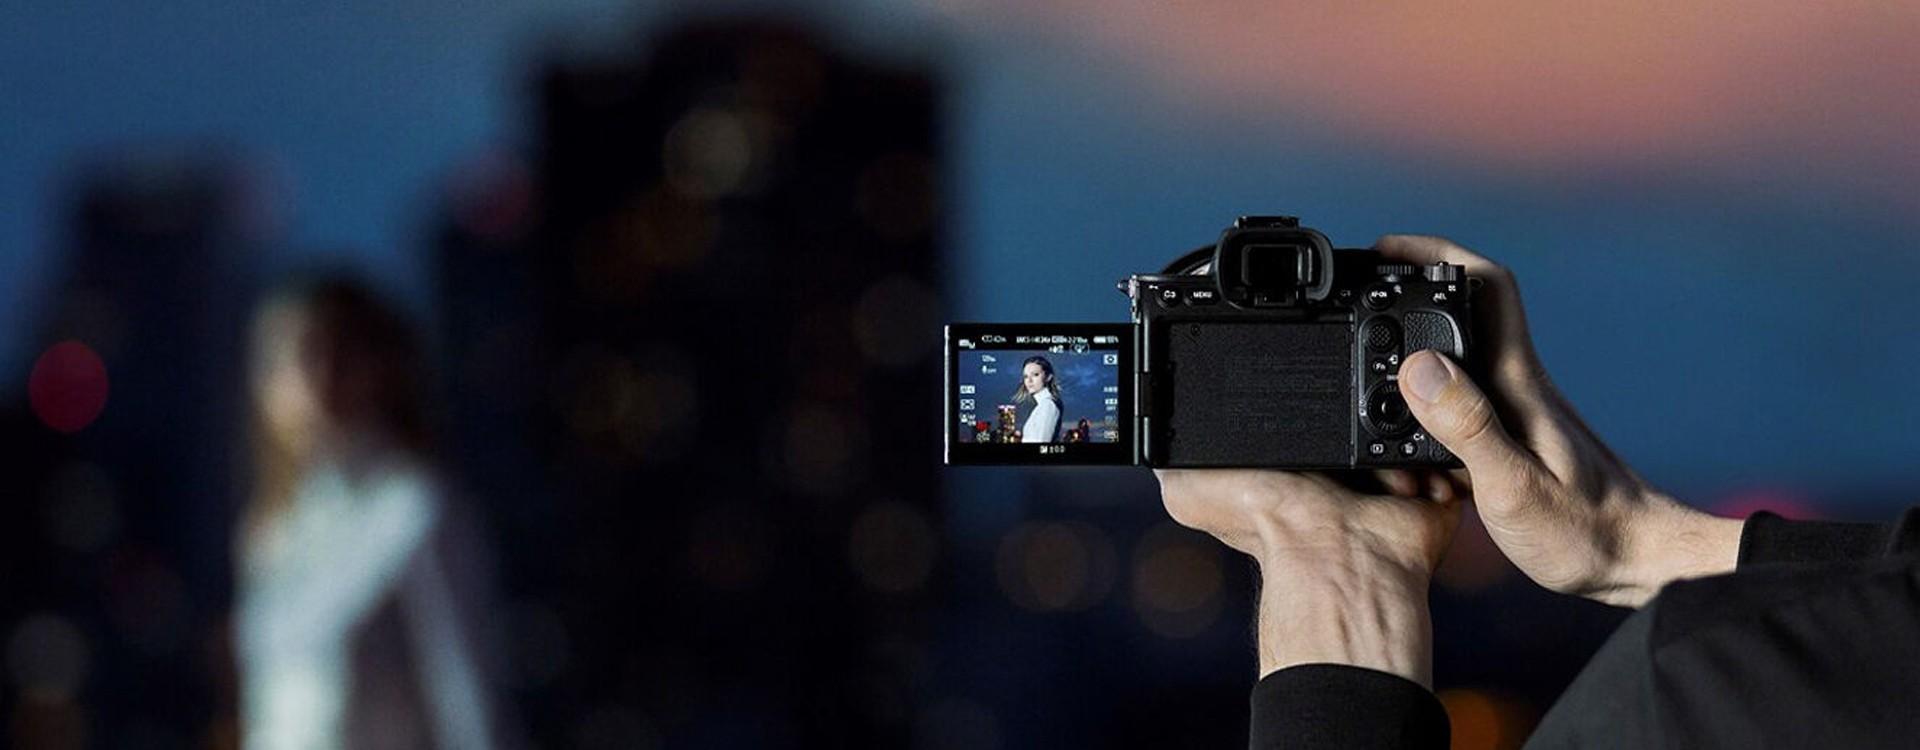 Sony A7S III - DŁUGO WYCZEKIWANY NASTĘPCA